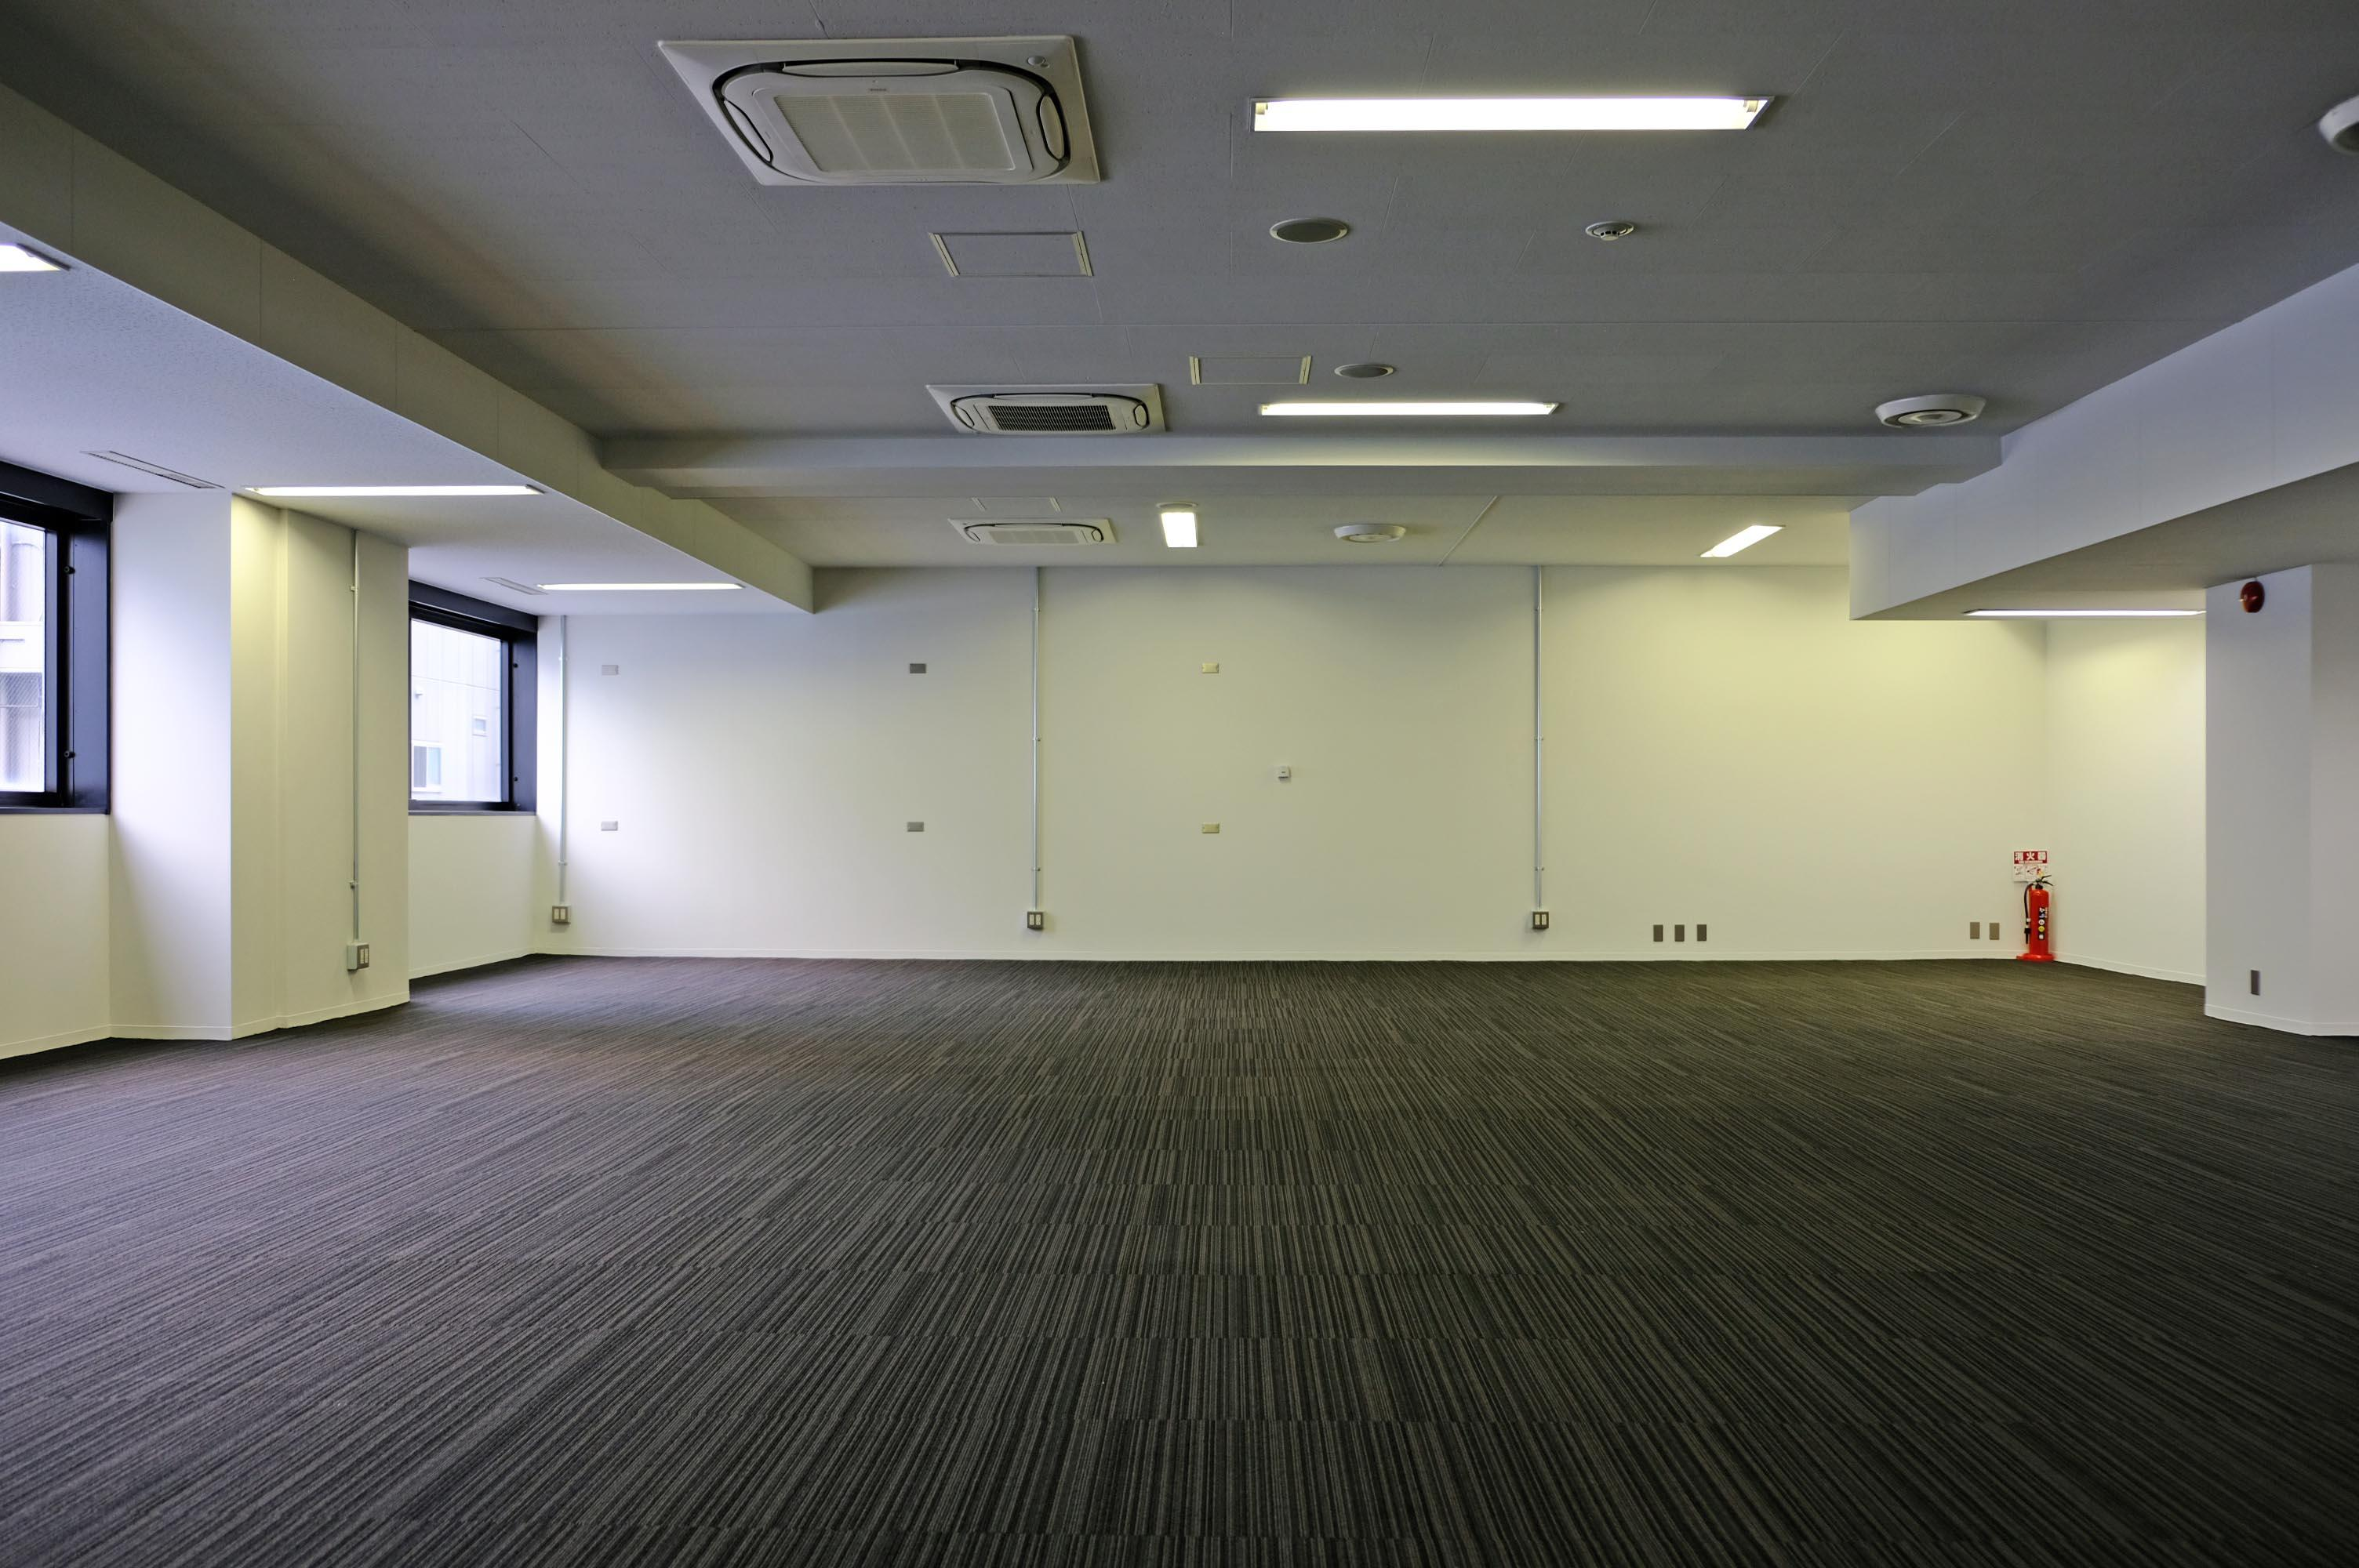 こちらの部屋がメインで大きなオフィス空間。